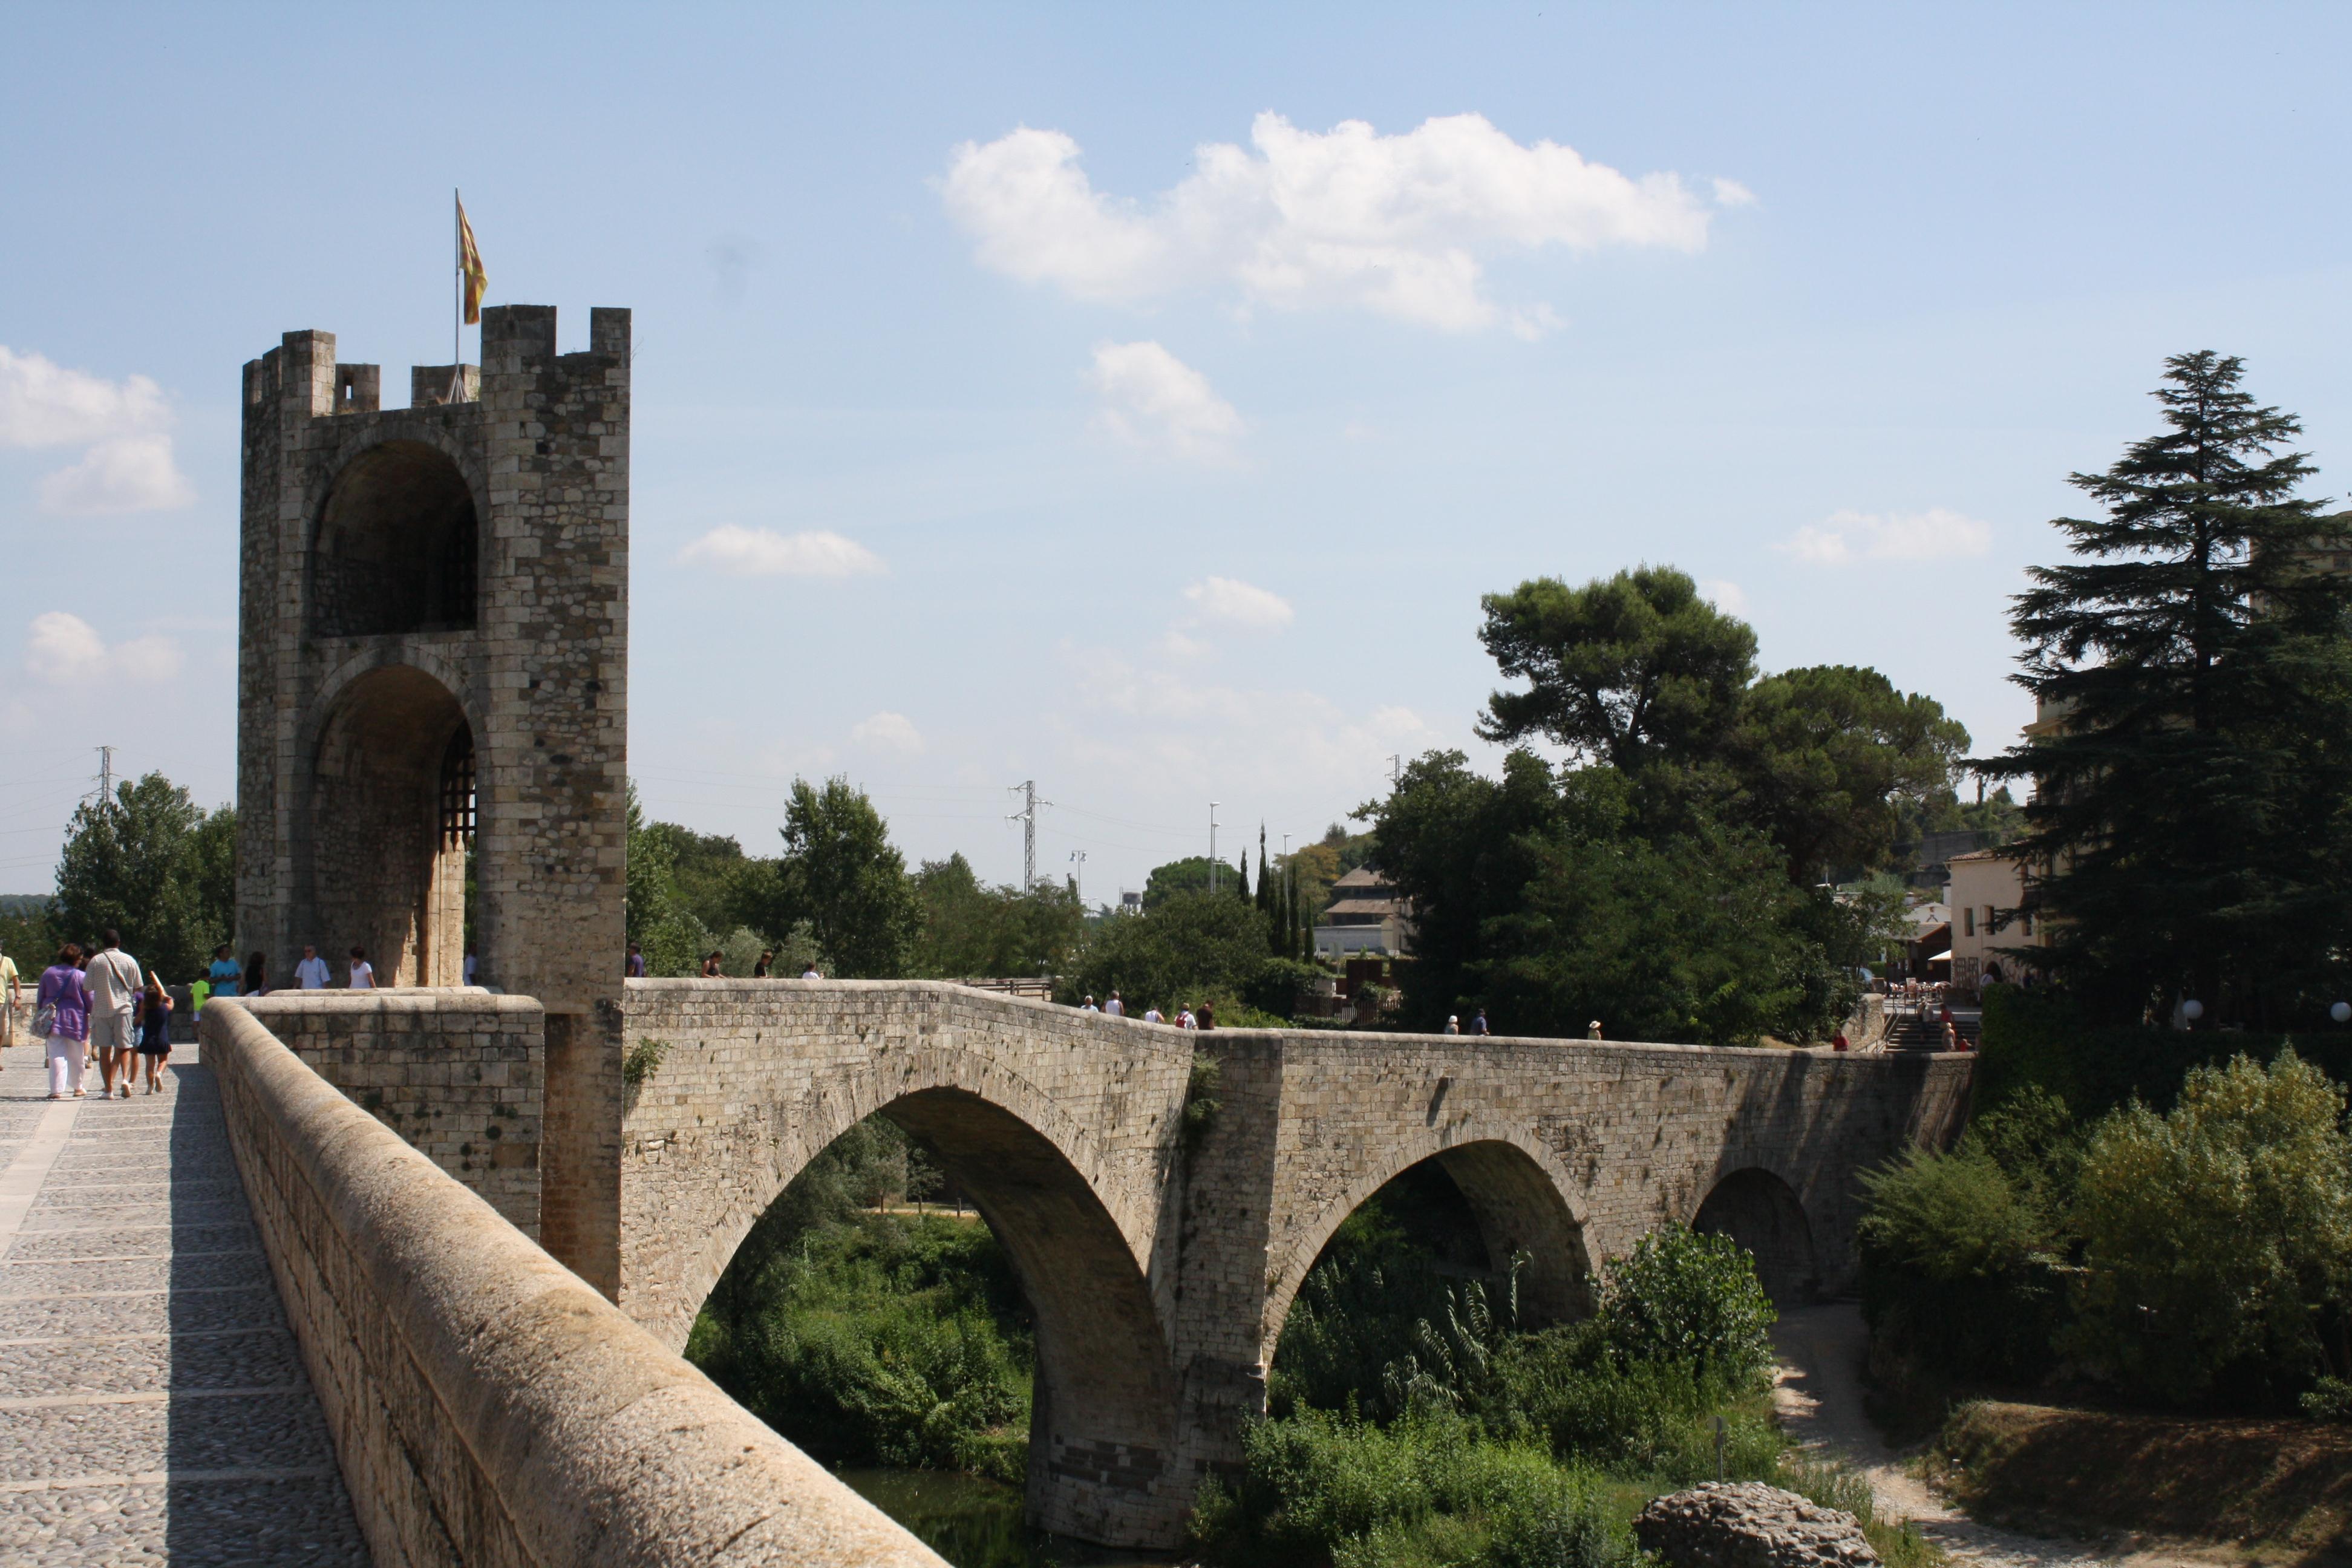 Fitxer:Pont fortificat de Besalú.jpg - Viquipèdia, lenciclopèdia lliure